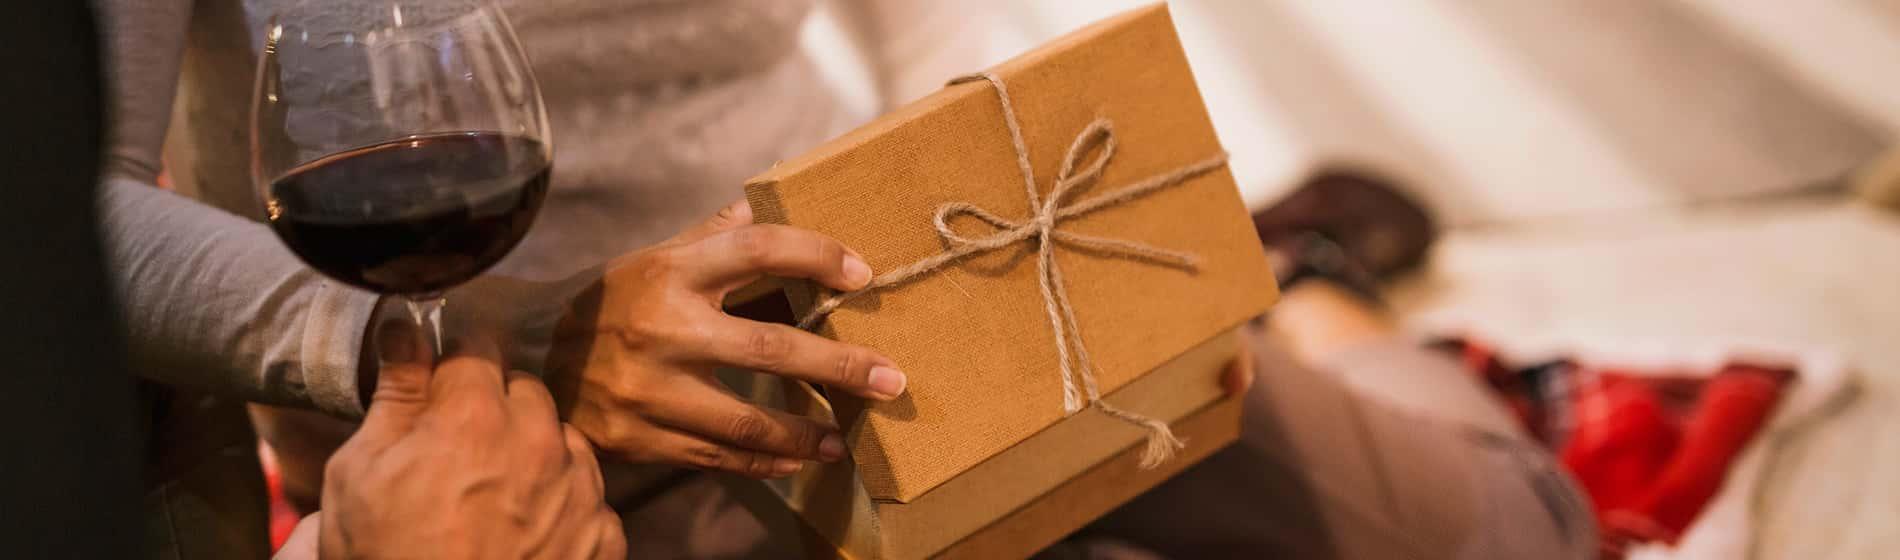 10 idées cadeaux pour un amateur de vin